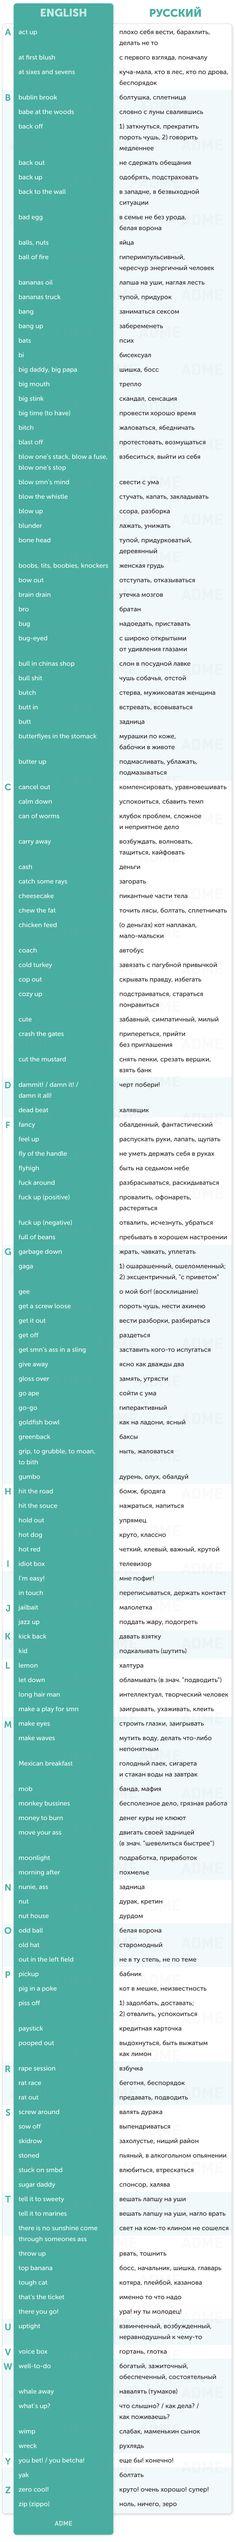 http://www.adme.ru/zhizn-nauka/150-vyrazhenij-iz-anglijskogo-slenga-903760